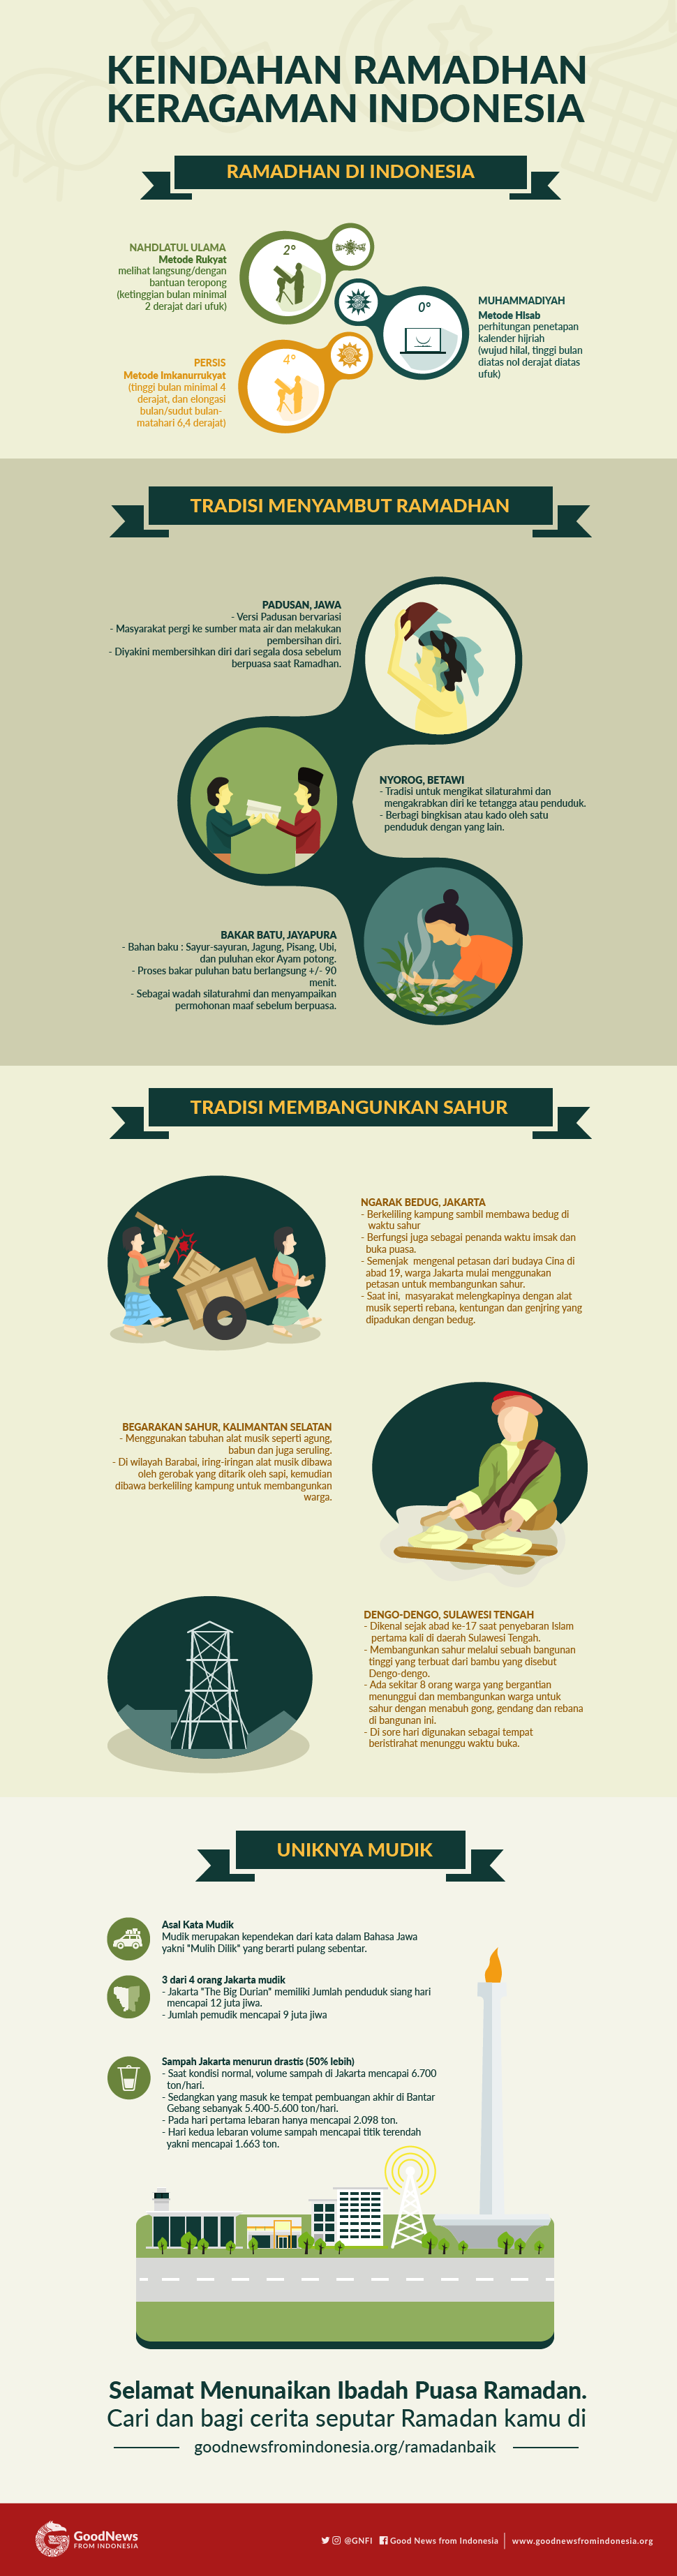 Keindahan Ramadhan, Keragaman Indonesia